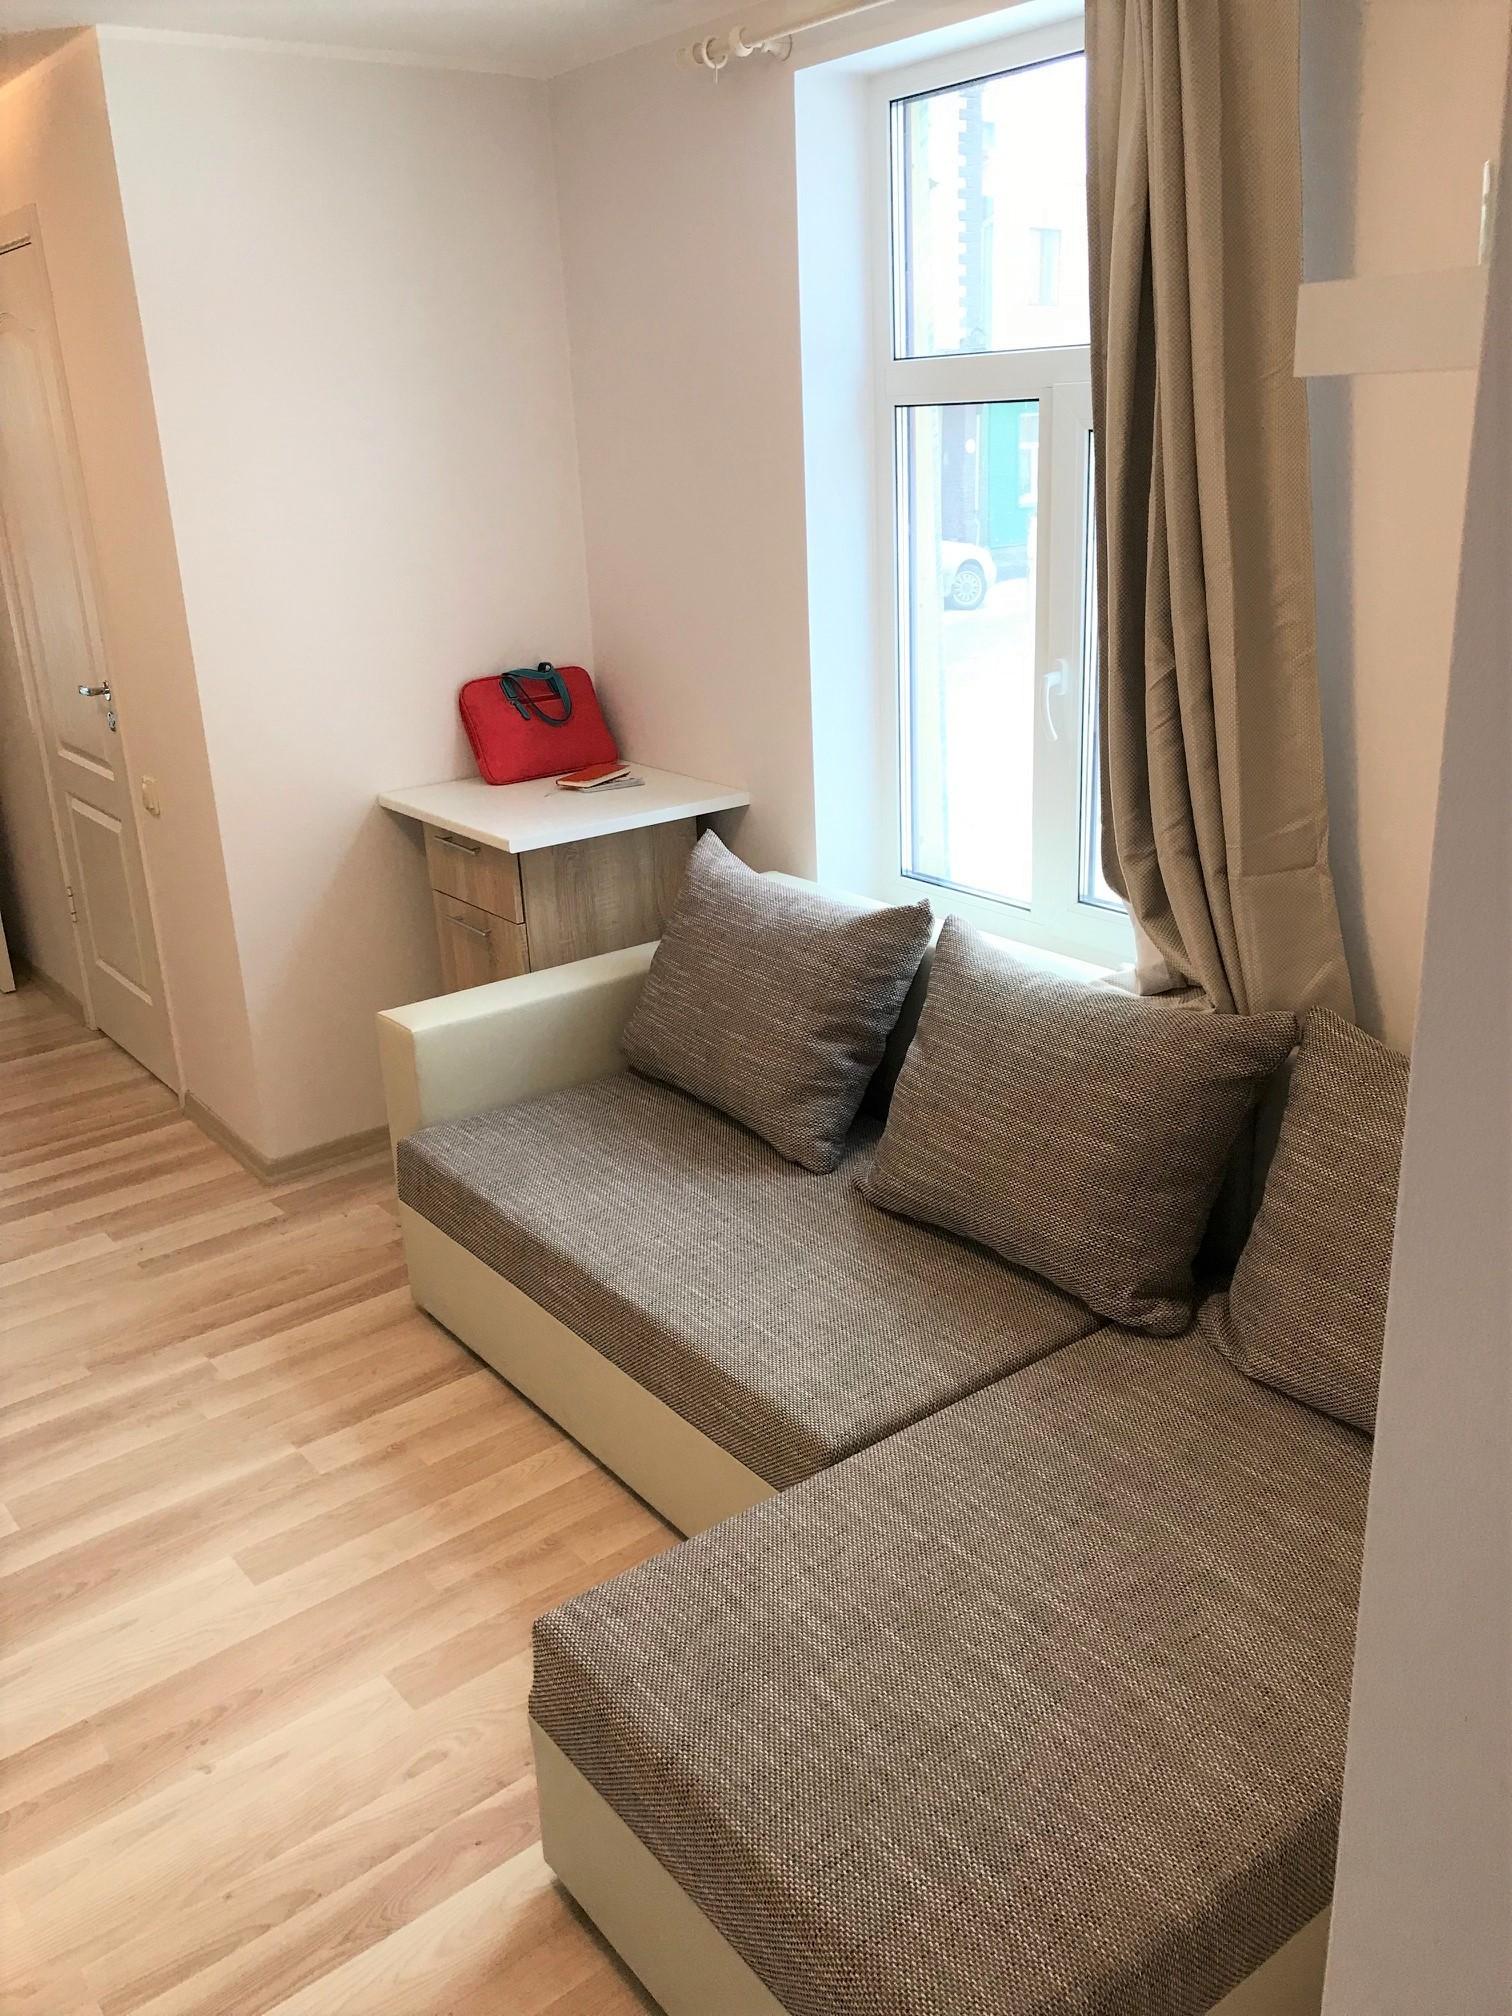 Sunny 2 rooms apartment 35m2 Riga Center